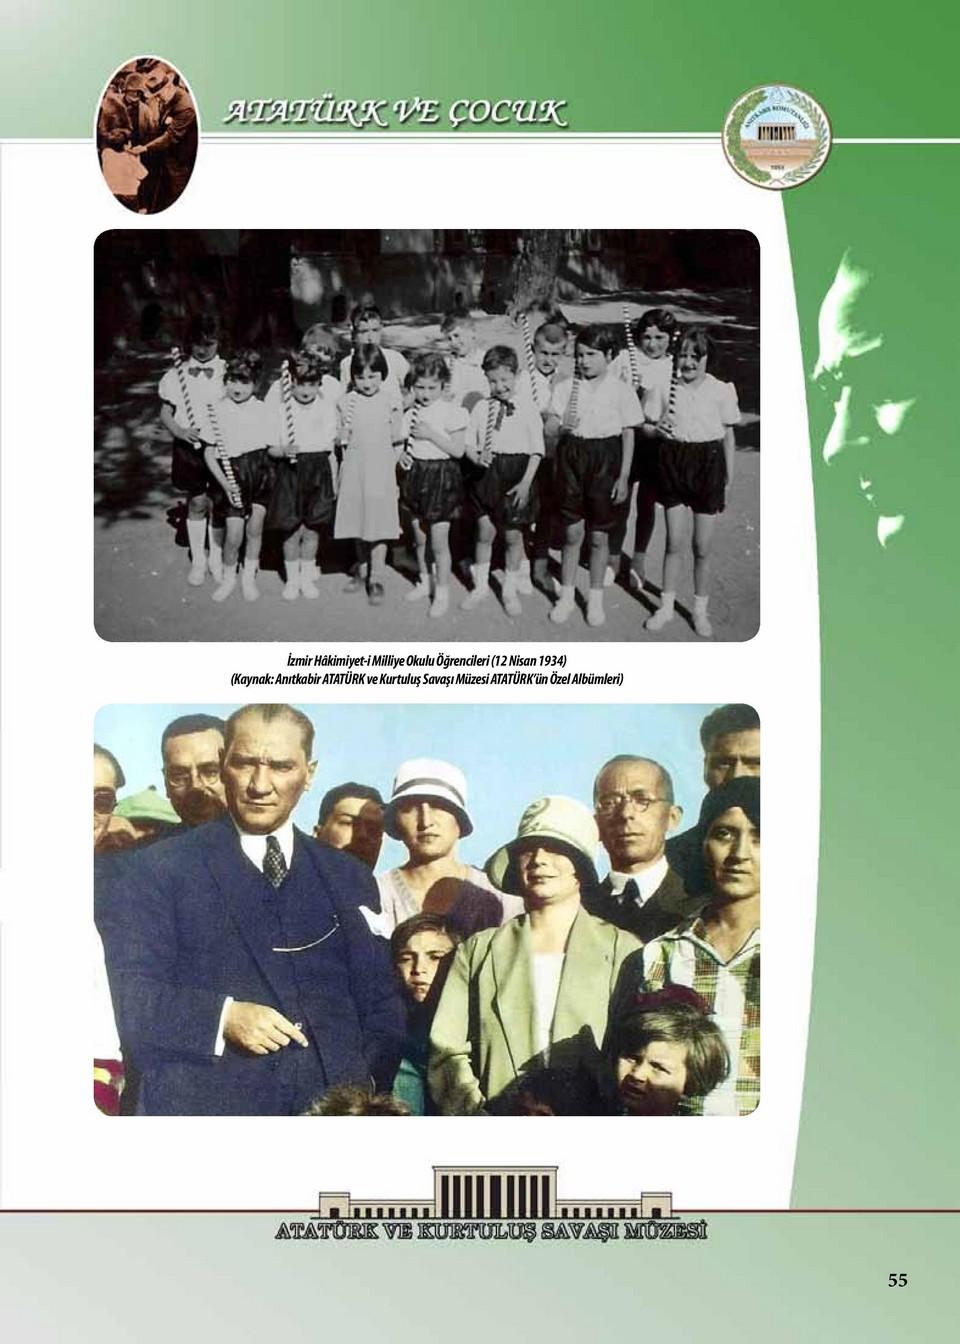 ataturkvecocuk-page-057